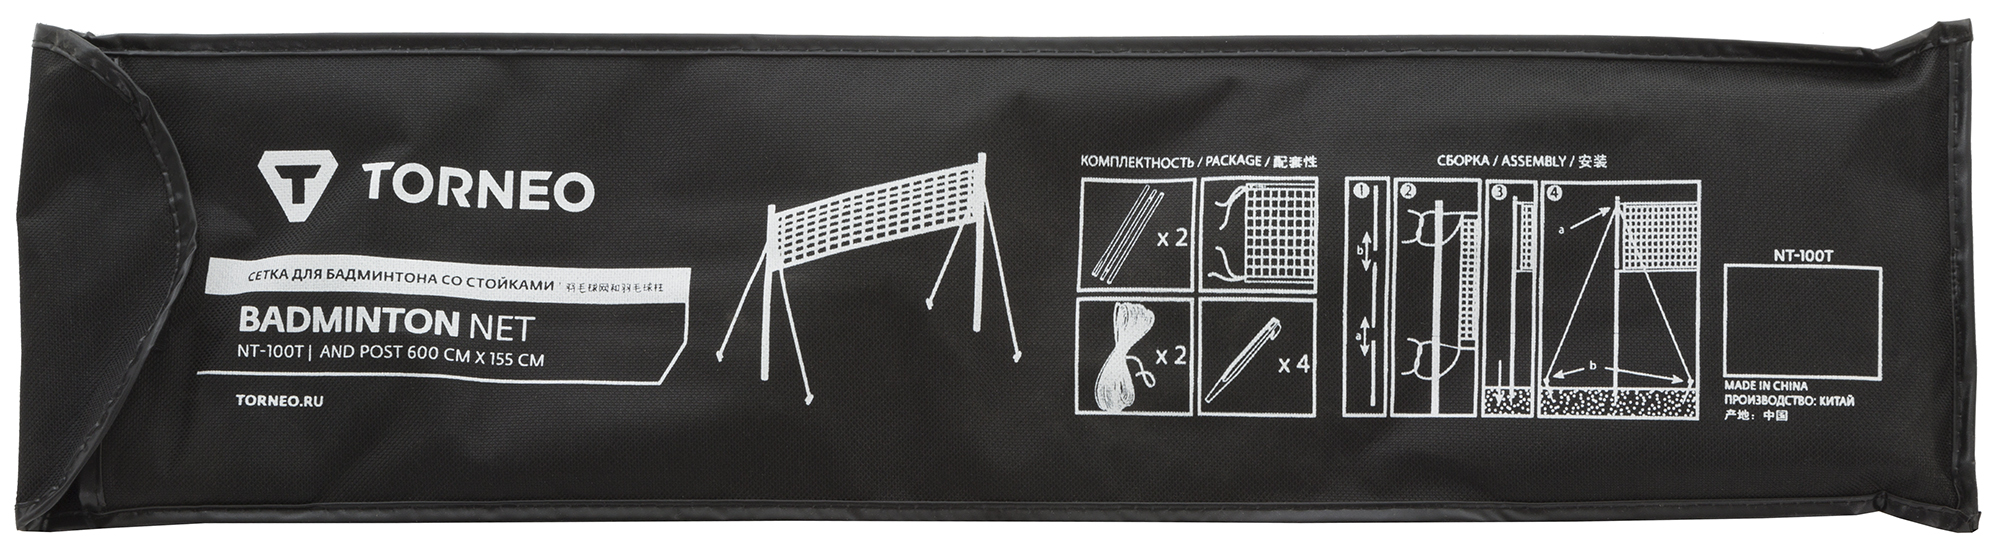 Torneo Сетка со стойками для бадминтона